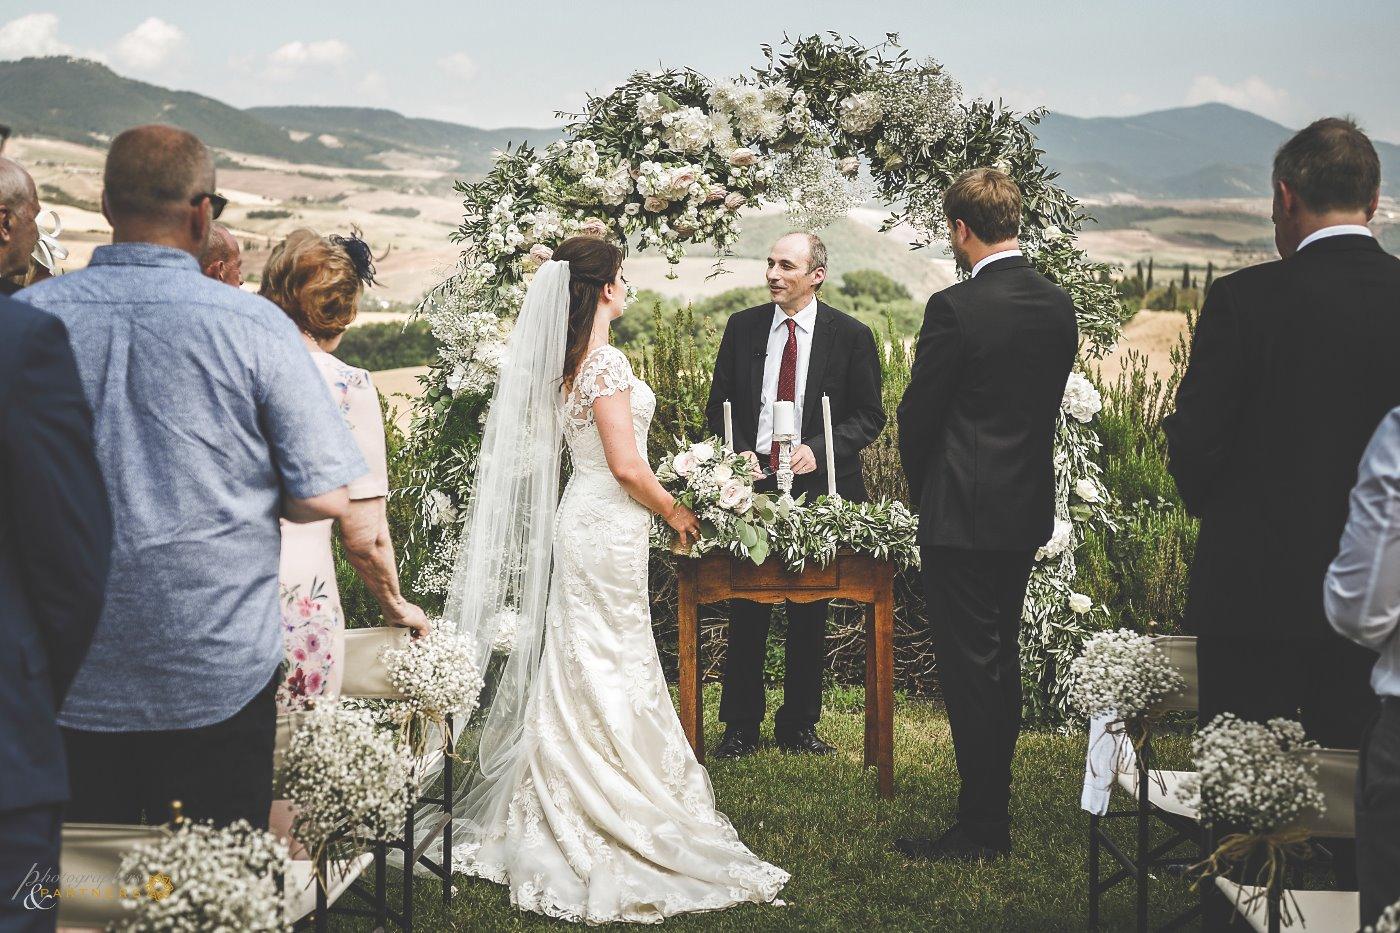 wedding_photos_borgo_castelvecchio_09.jpg